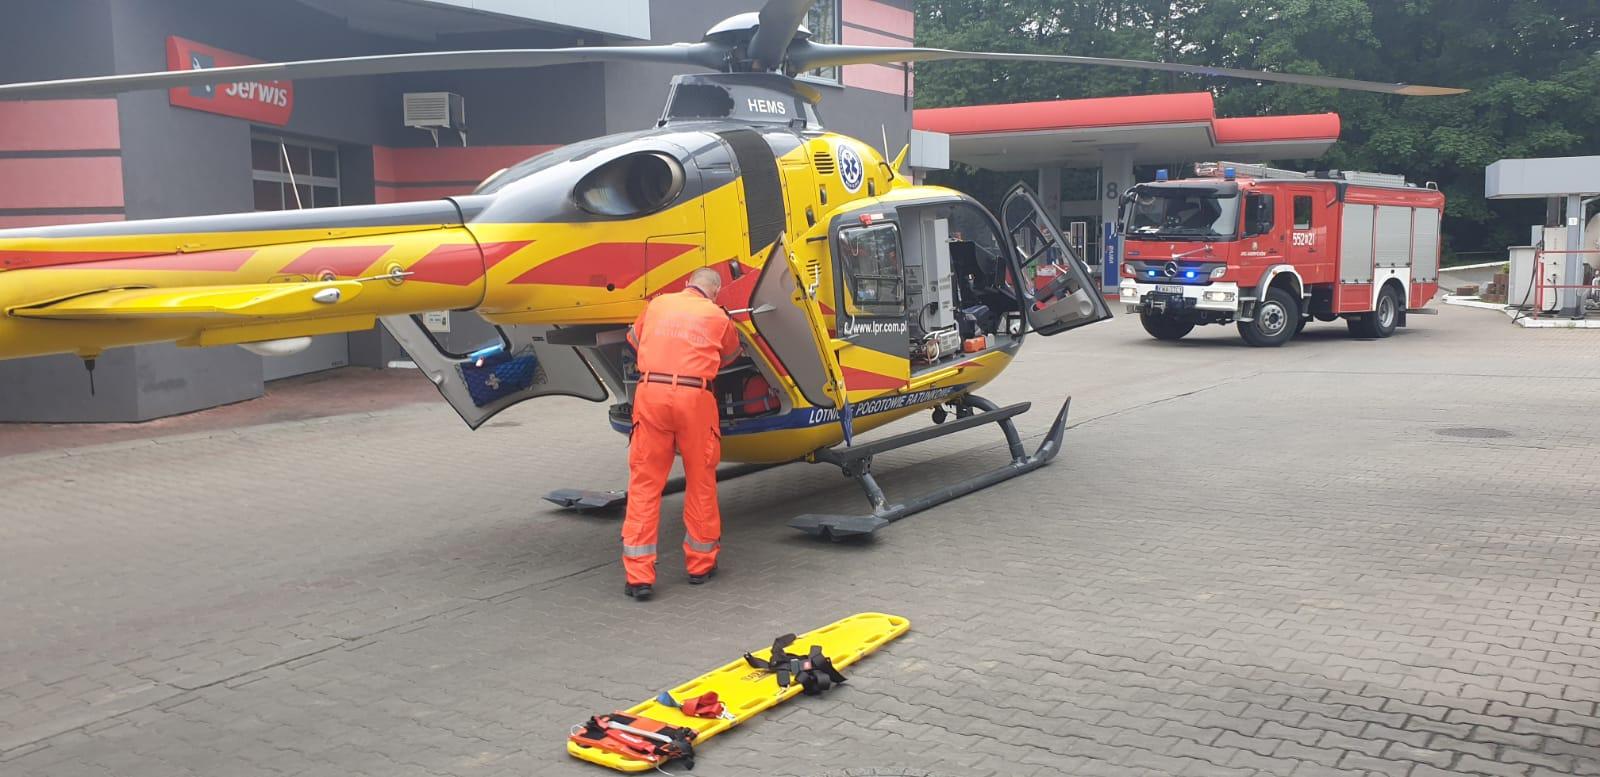 Wypadek w Andrychowie. Wezwano śmigłowiec ratowniczy [FOTO]